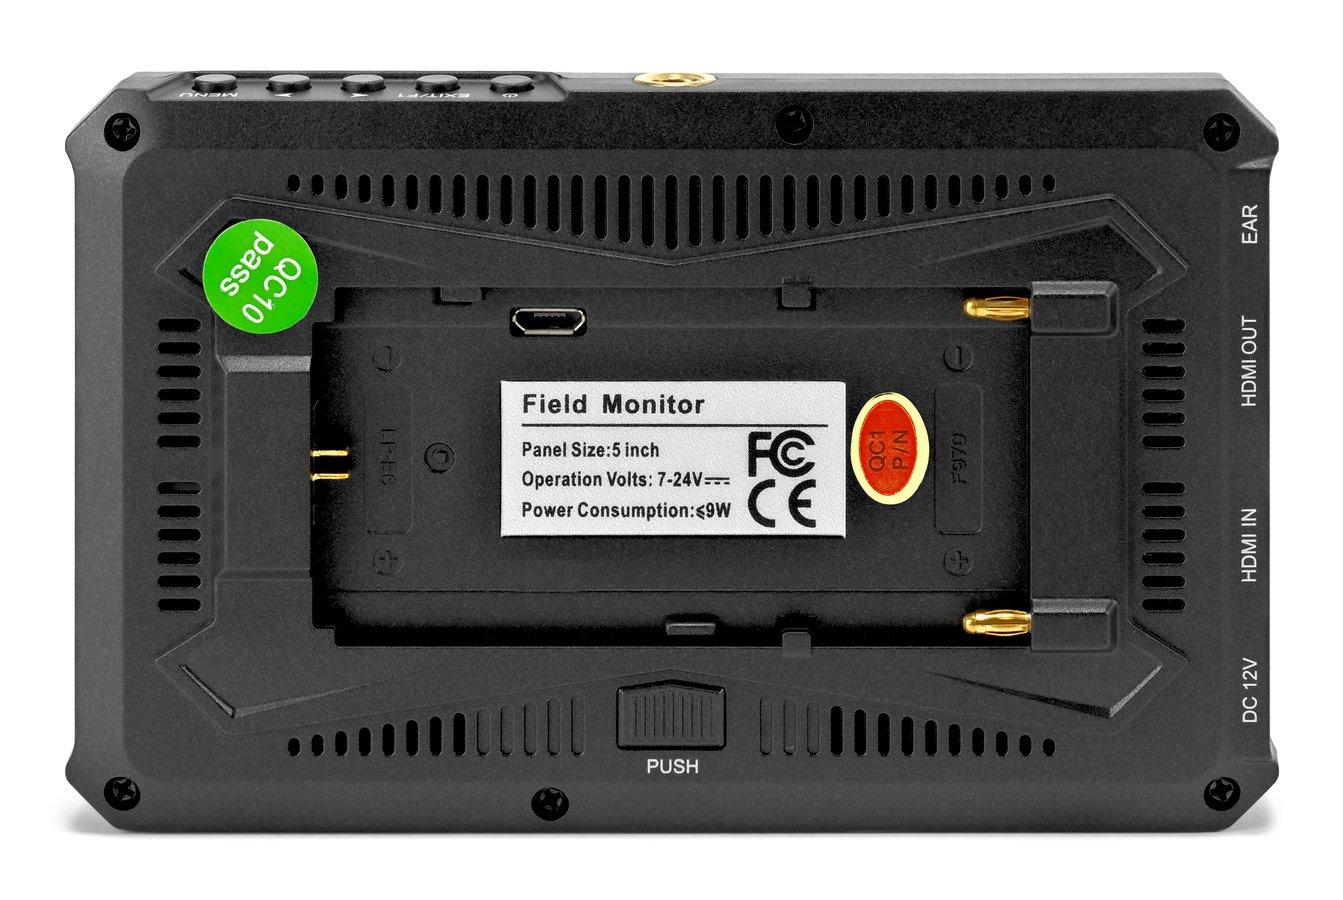 Lilliput A5 kompakter Full HD Monitor mit HDMI (12,7cm / 5 Zoll) Foto Nr. 4